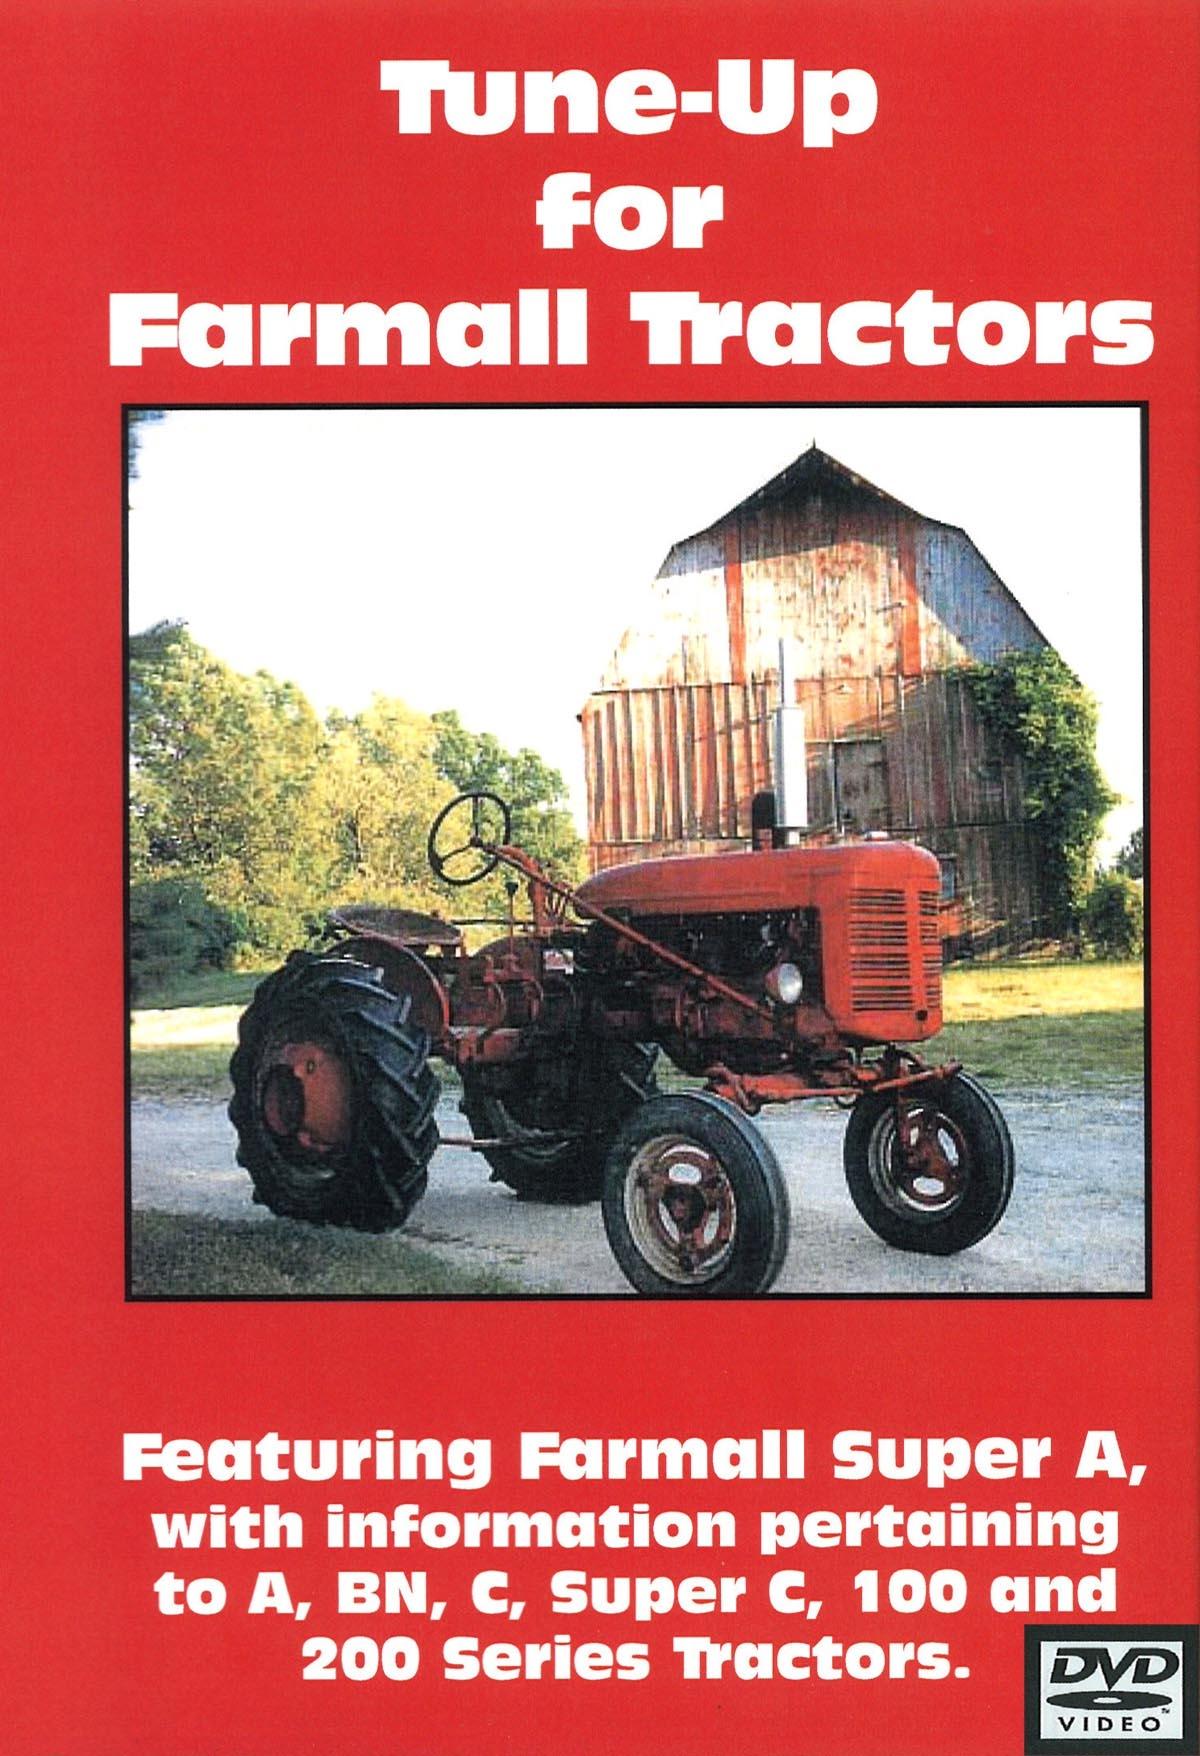 FARMALL A TUNE-UP VIDEO (DVD)